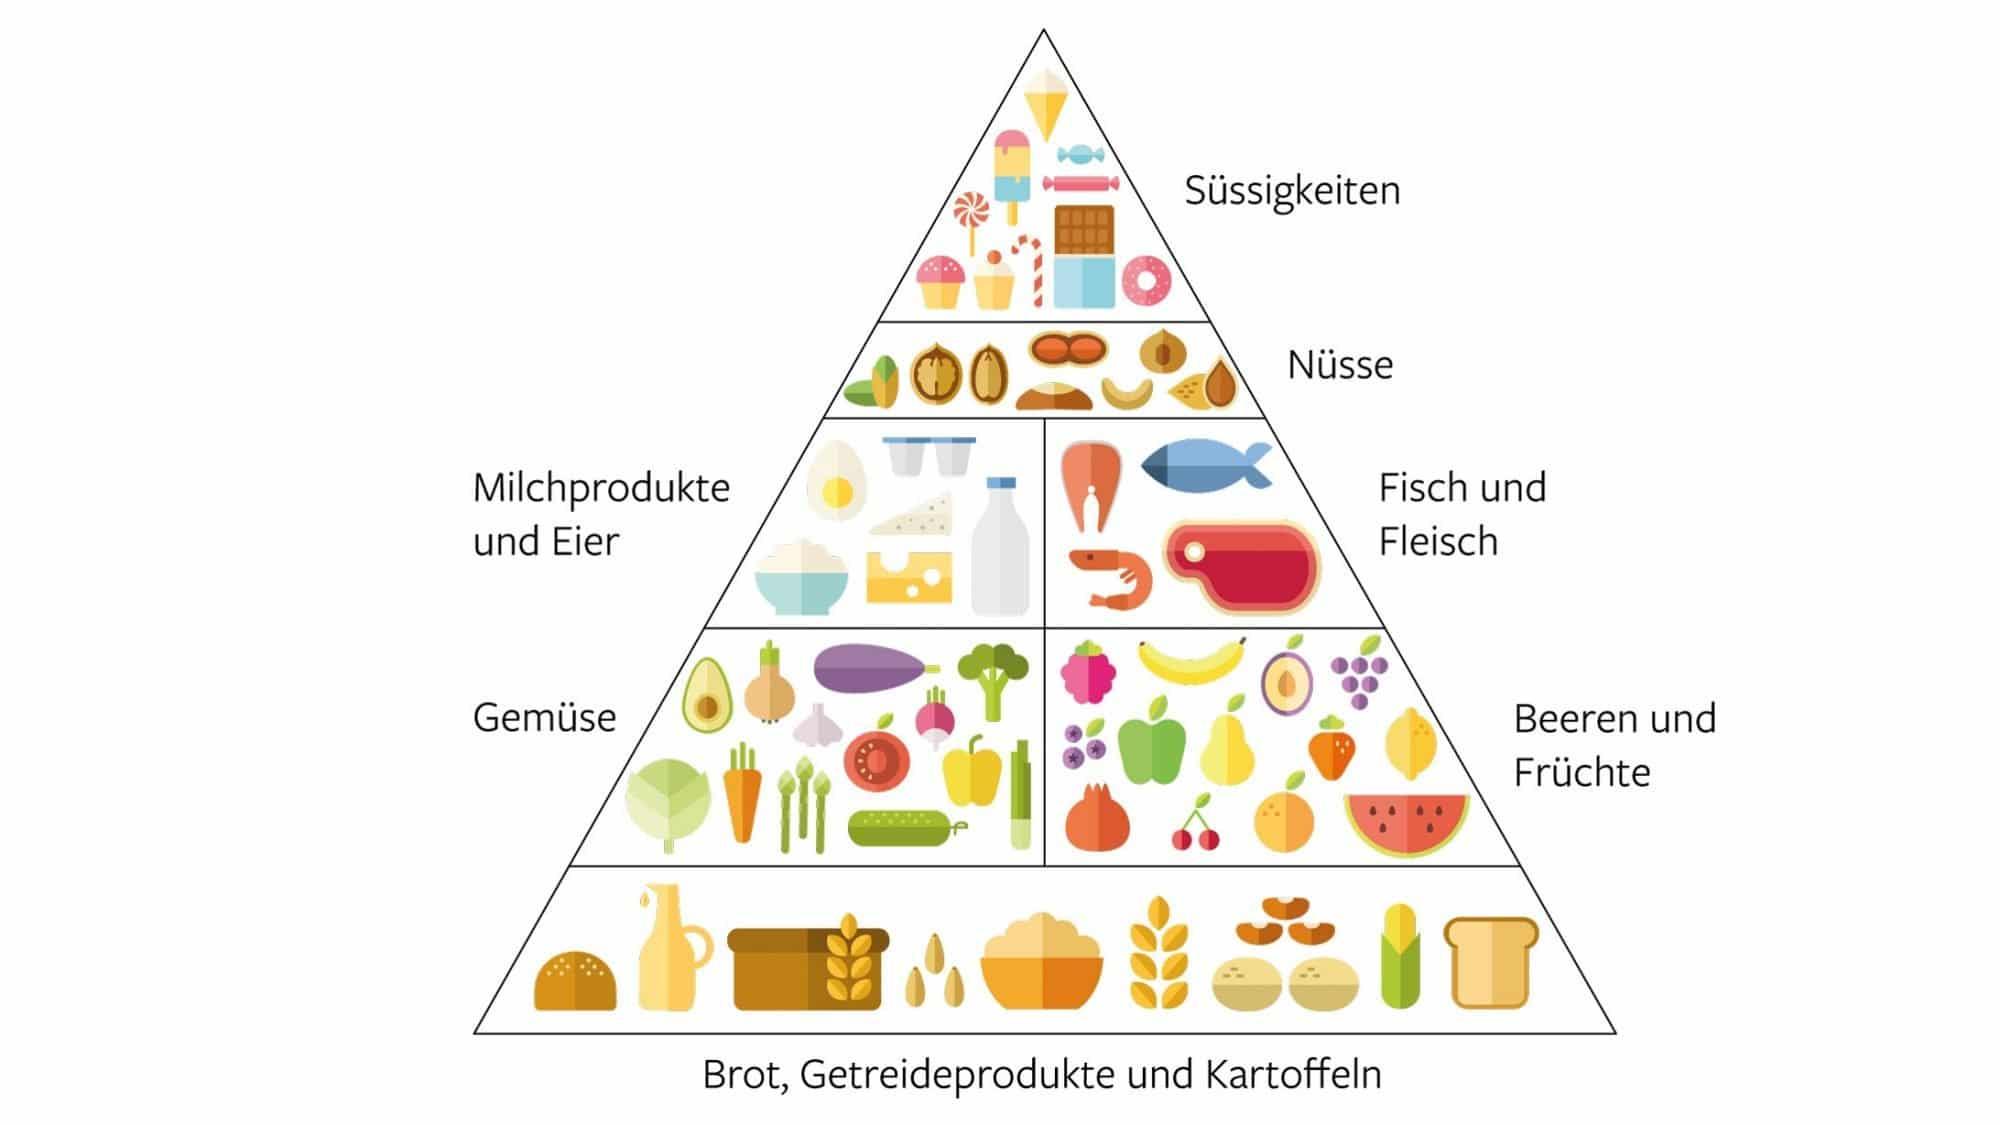 Darstellung der Ernährungspyramide